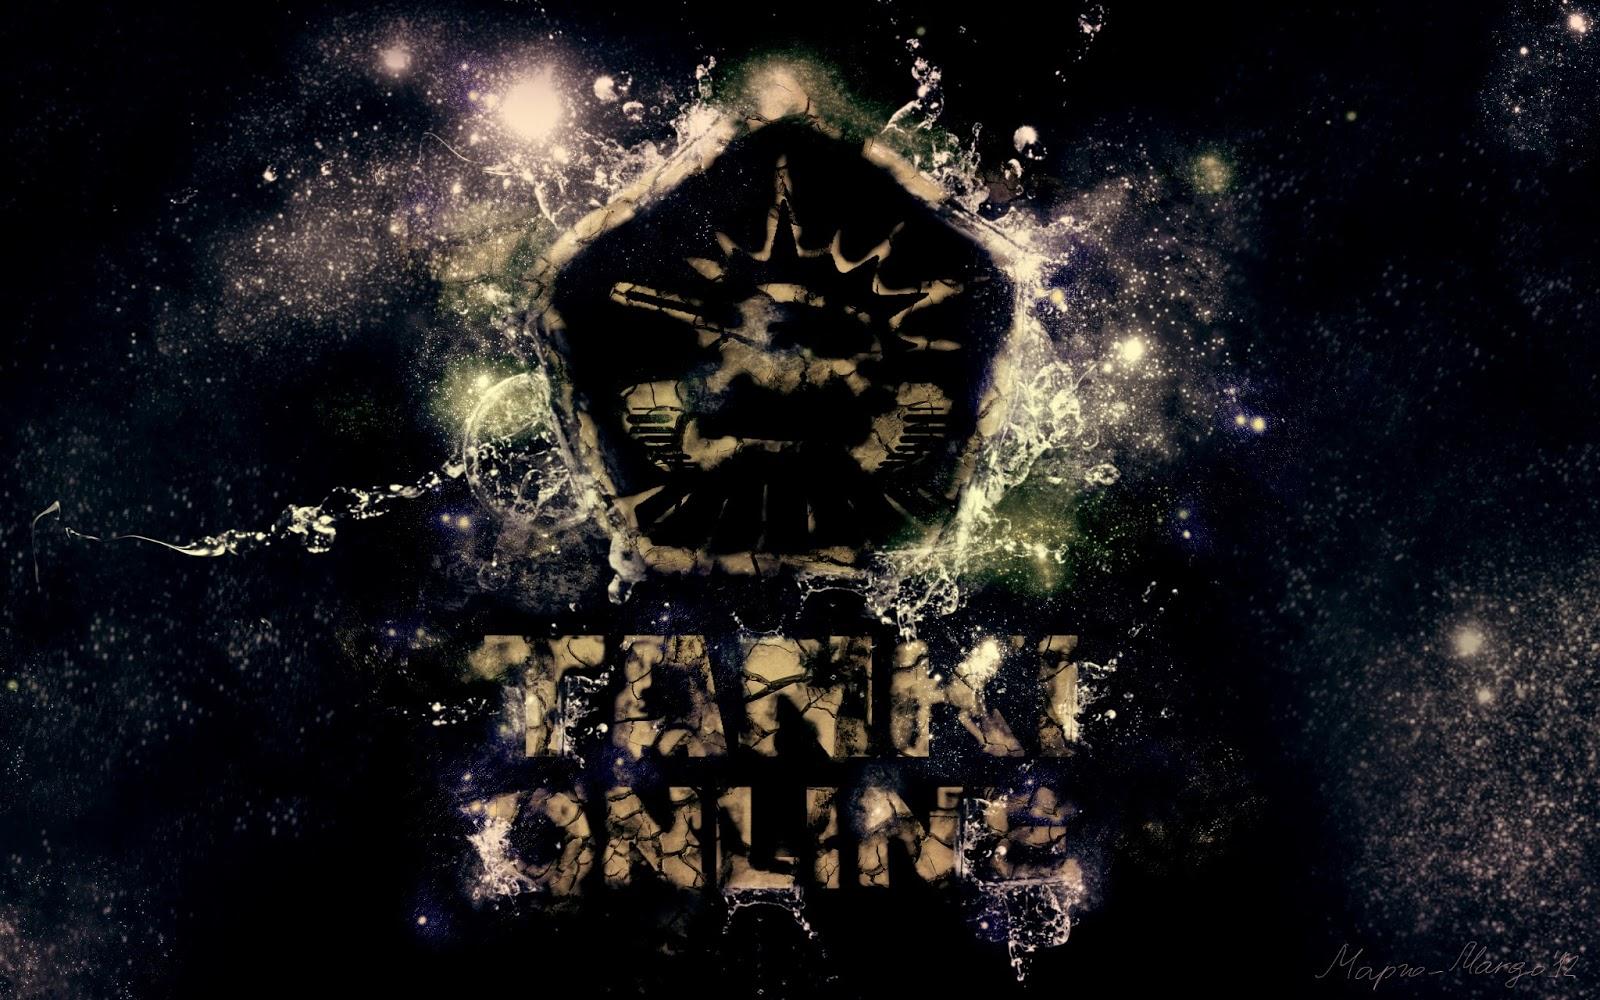 Universe Wallpaper Hd Tanki Tanki Online